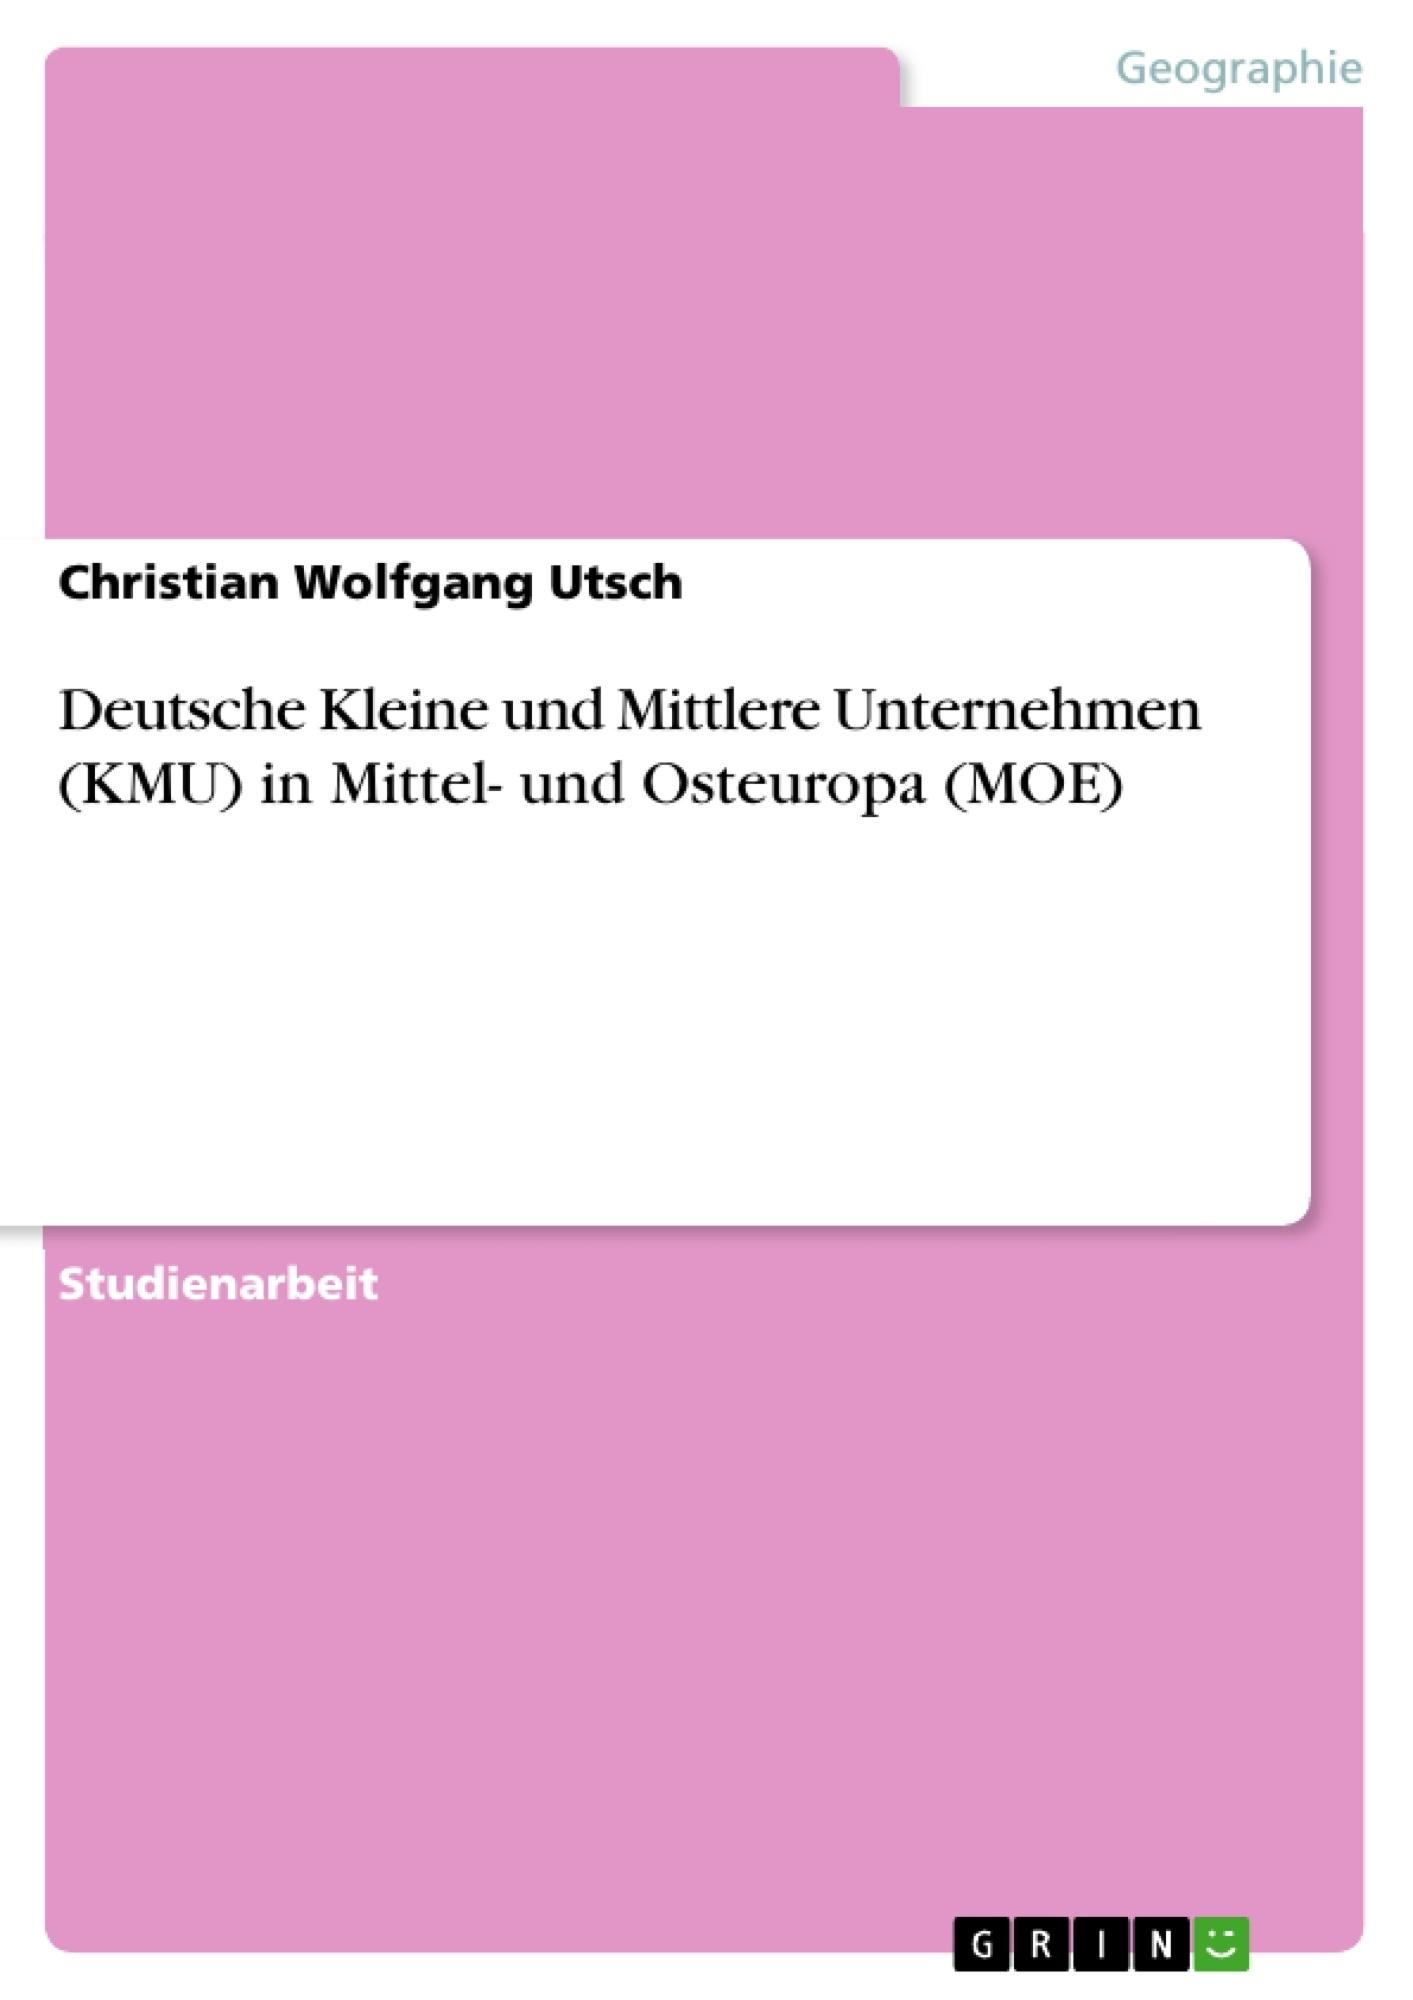 Titel: Deutsche Kleine und Mittlere Unternehmen (KMU) in Mittel- und Osteuropa (MOE)